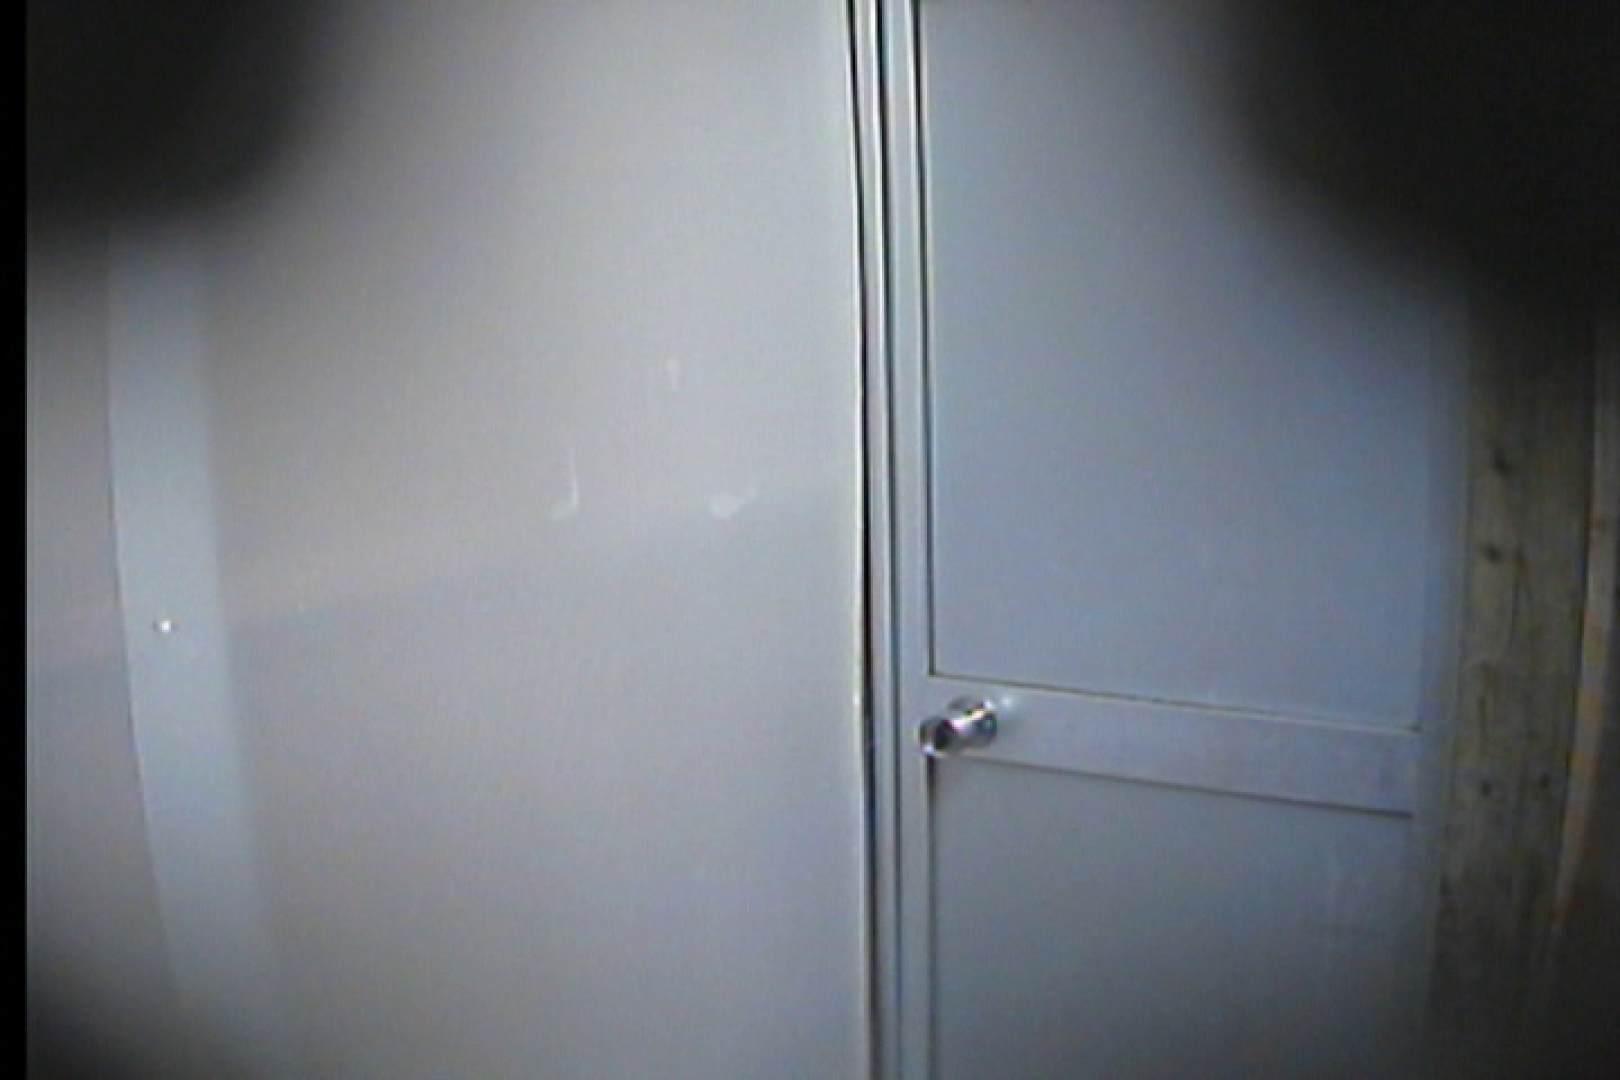 海の家の更衣室 Vol.16 OL   美女達のヌード  23連発 8